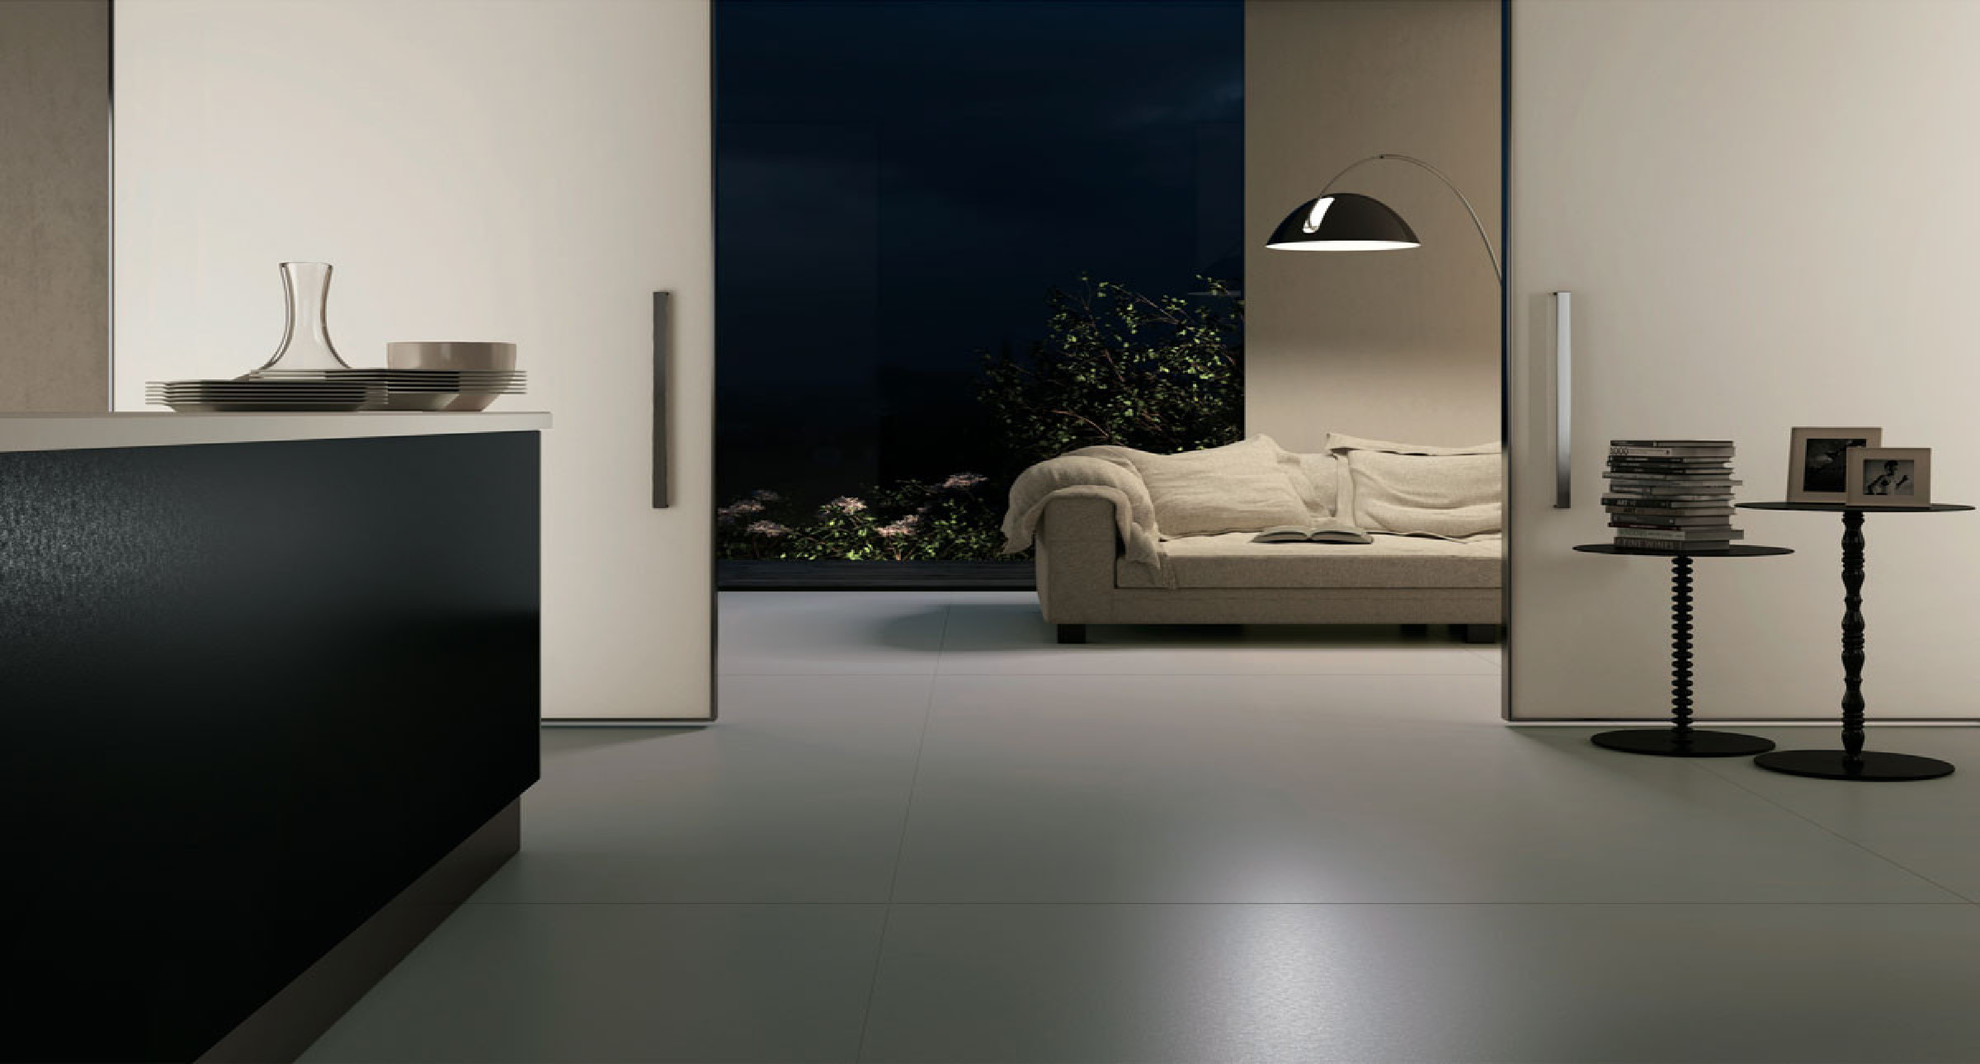 Piastrelle di grande formato suggerimento per l 39 uso floornature - Piastrelle maxi formato ...